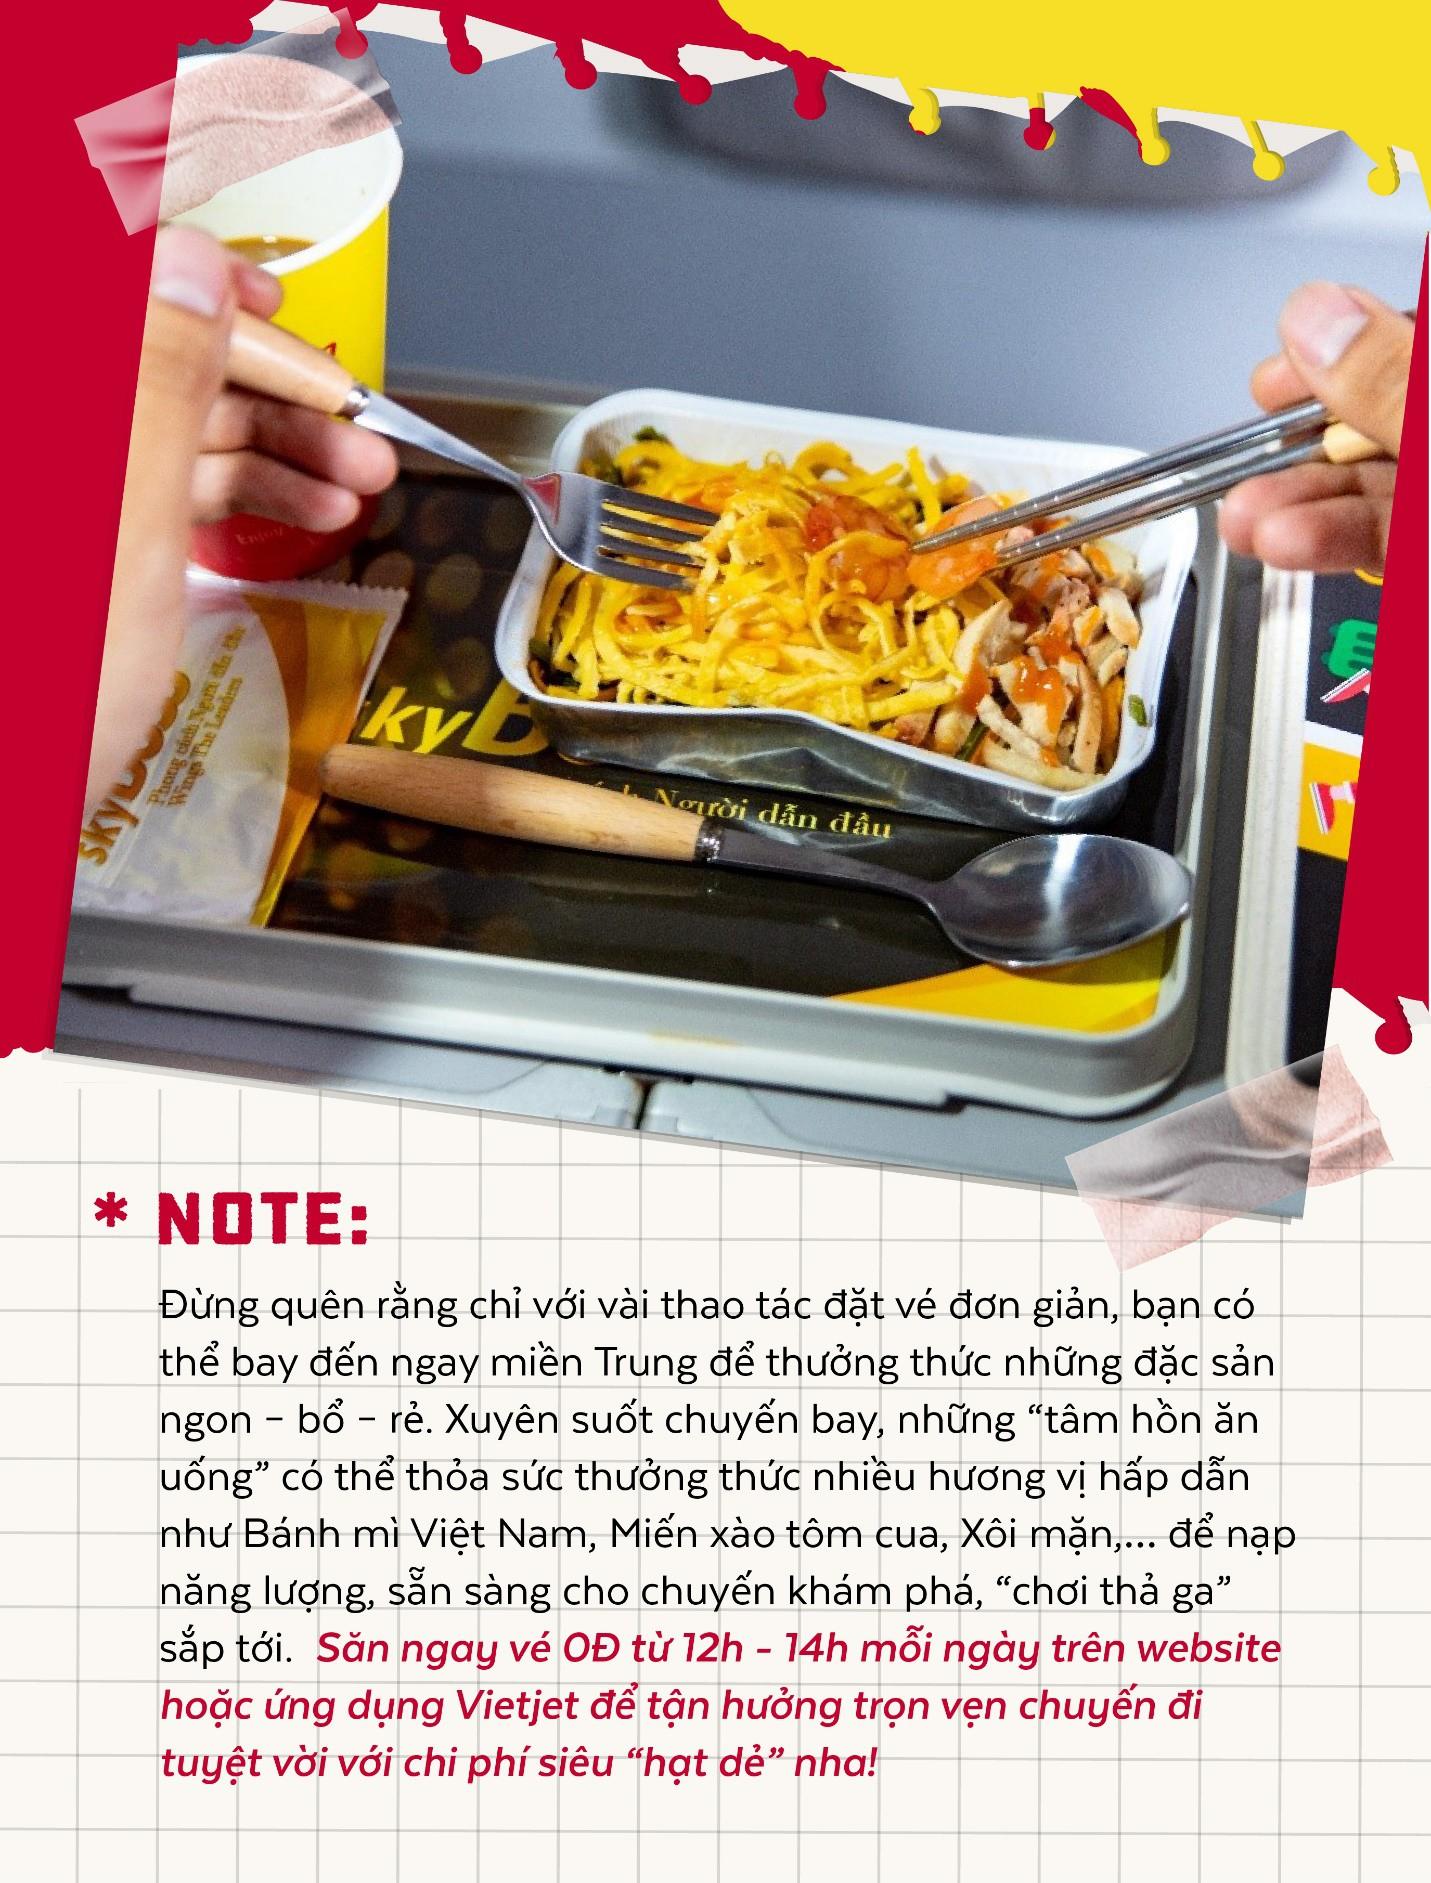 """Bí kíp ăn """"hết"""" miền Trung dù hầu bao hạn hẹp với top món ngon - bổ - rẻ - Ảnh 9."""